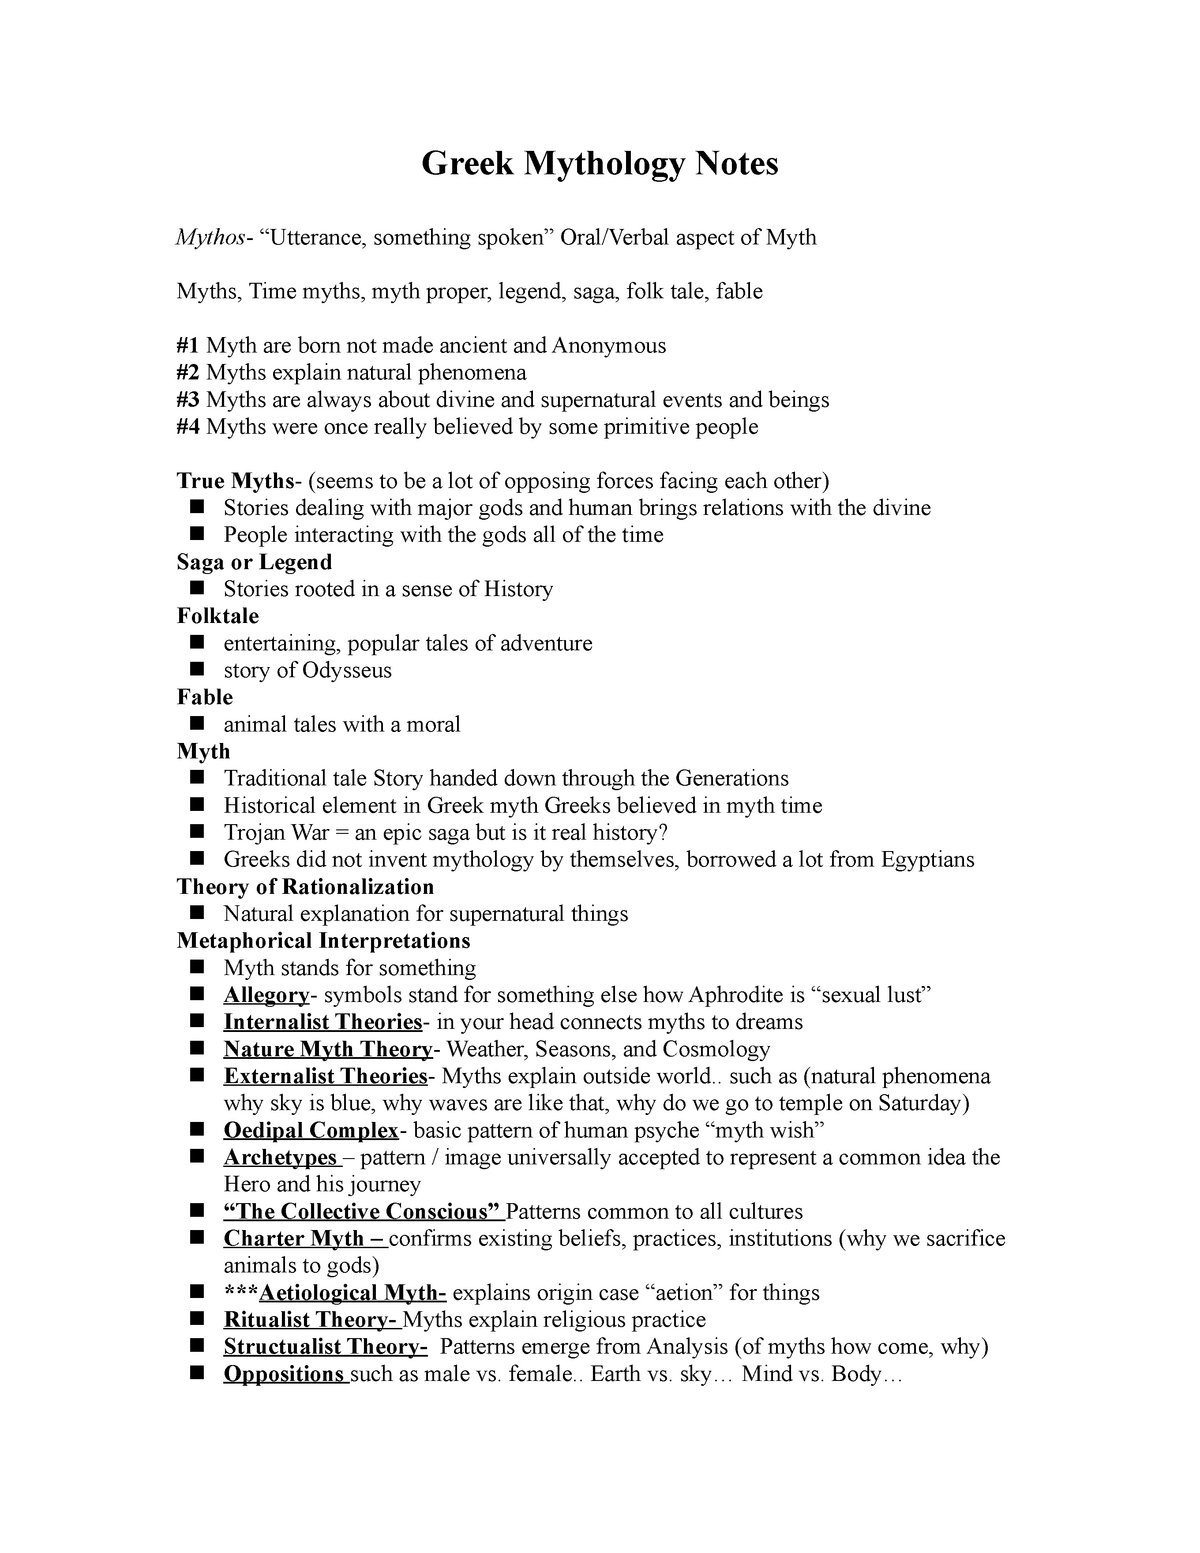 Greek Mythology Notes - CL 102 - StuDocu